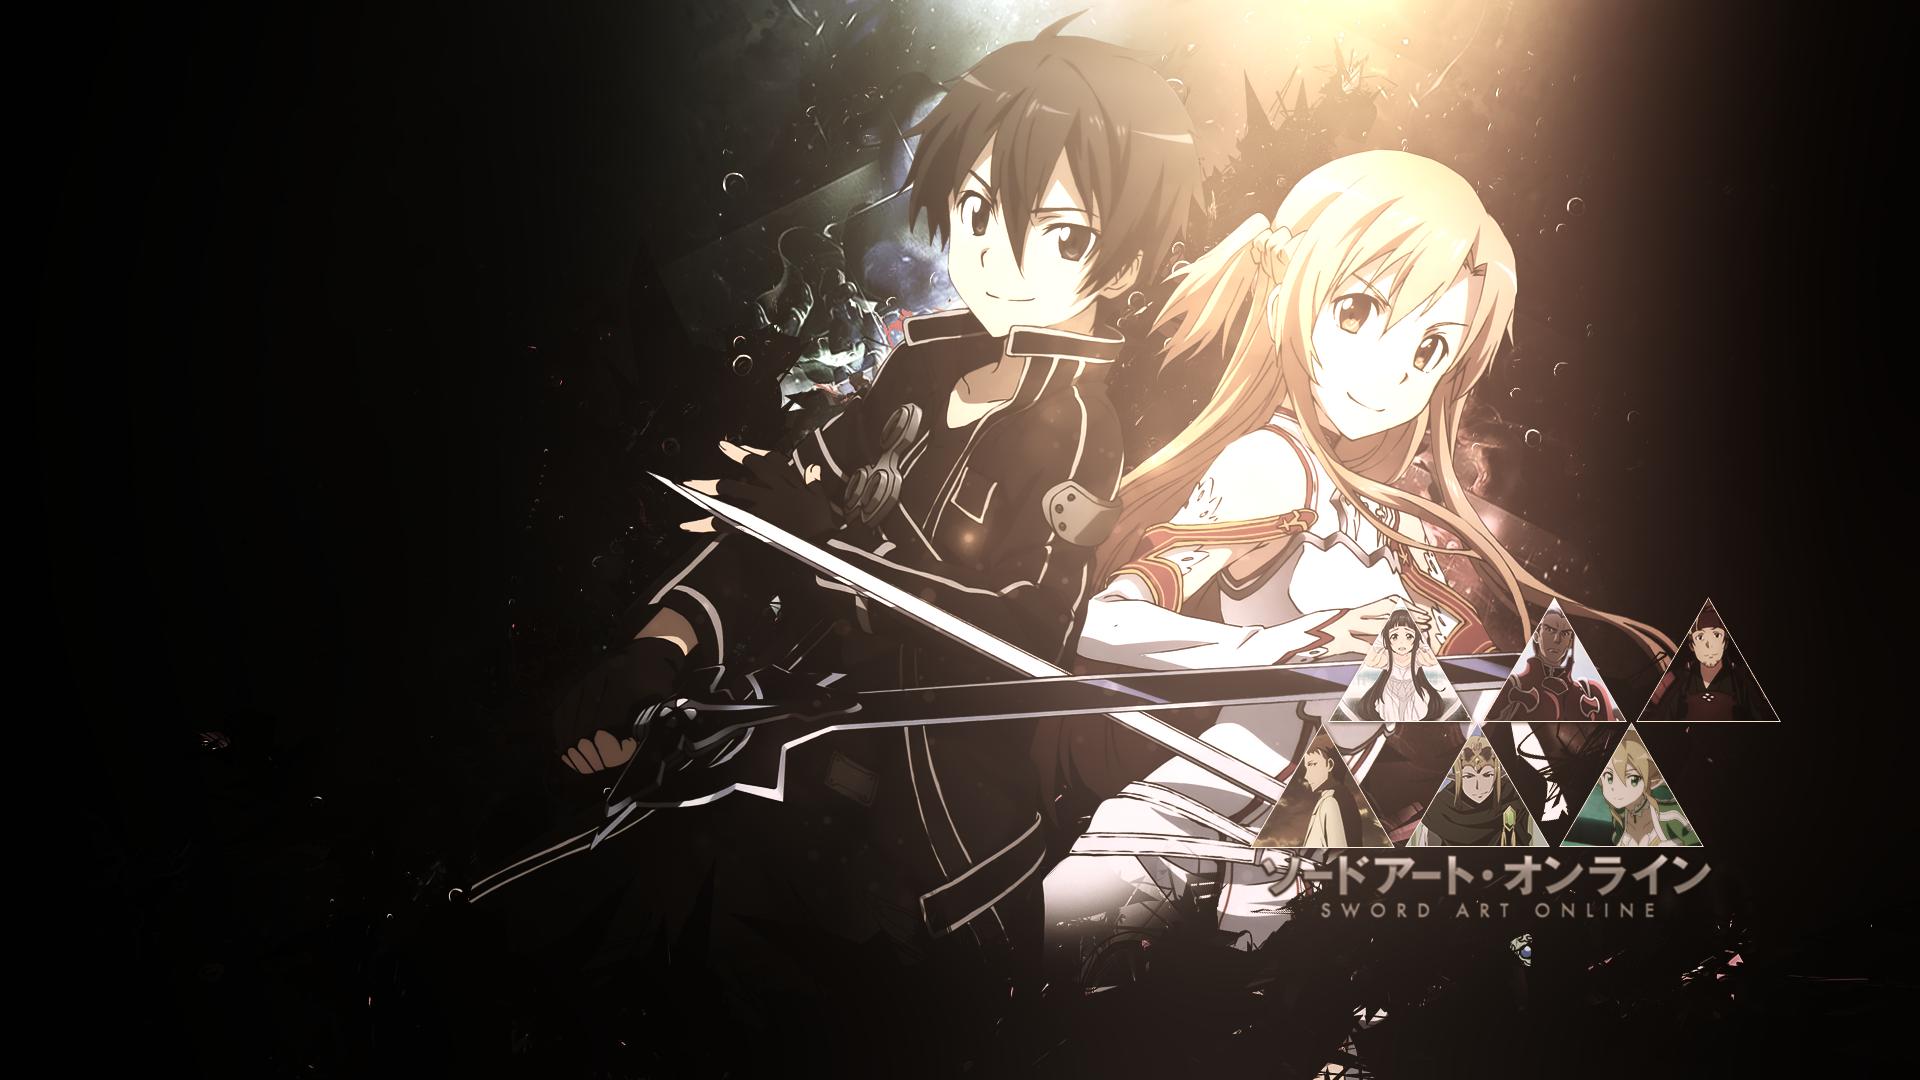 sword art online wallpaper 61